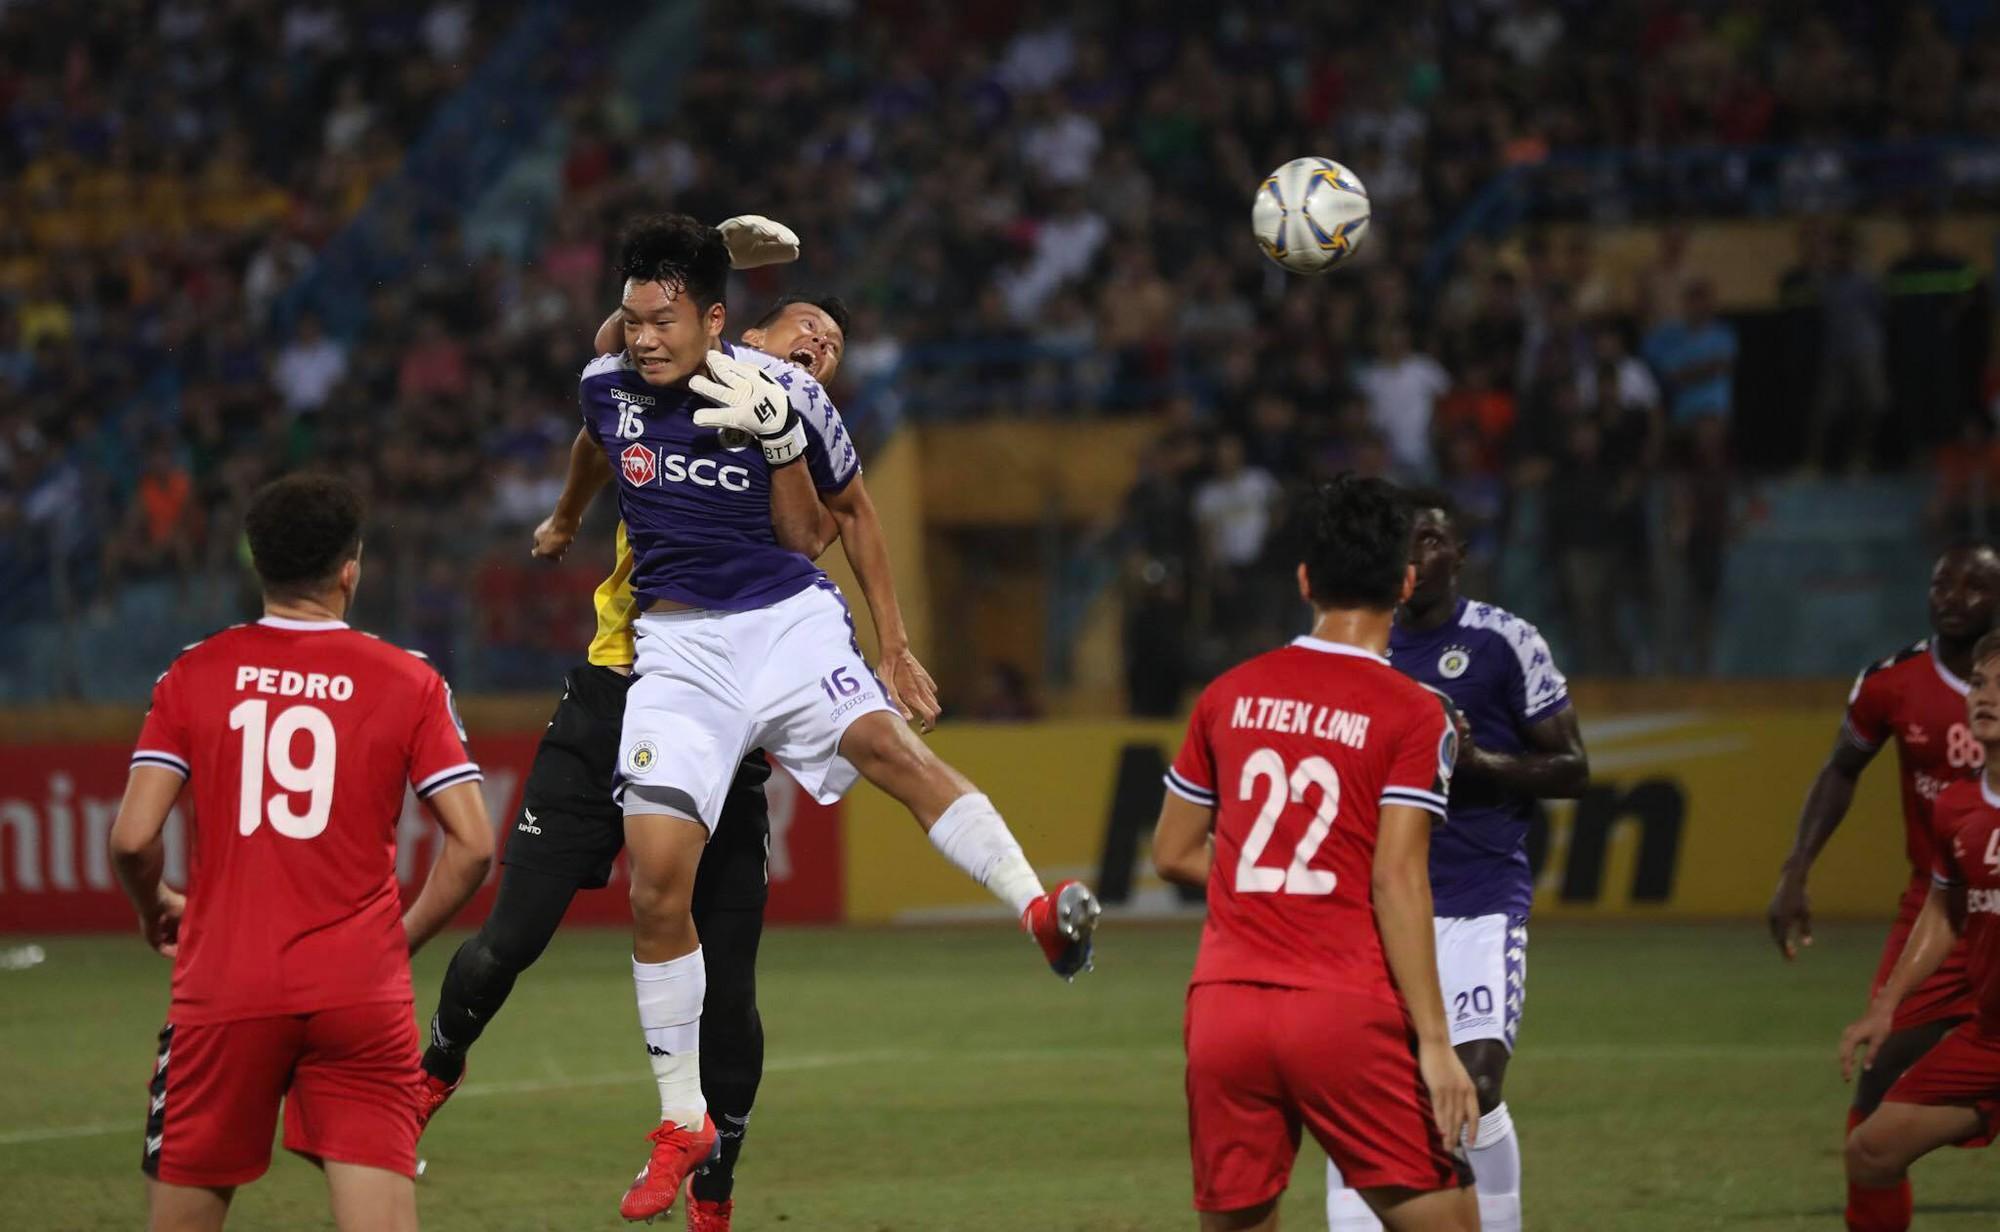 Hình ảnh: Đánh bại Bình Dương, CLB Hà Nội gặp Altyn Asyr ở bán kết AFC Cup số 2